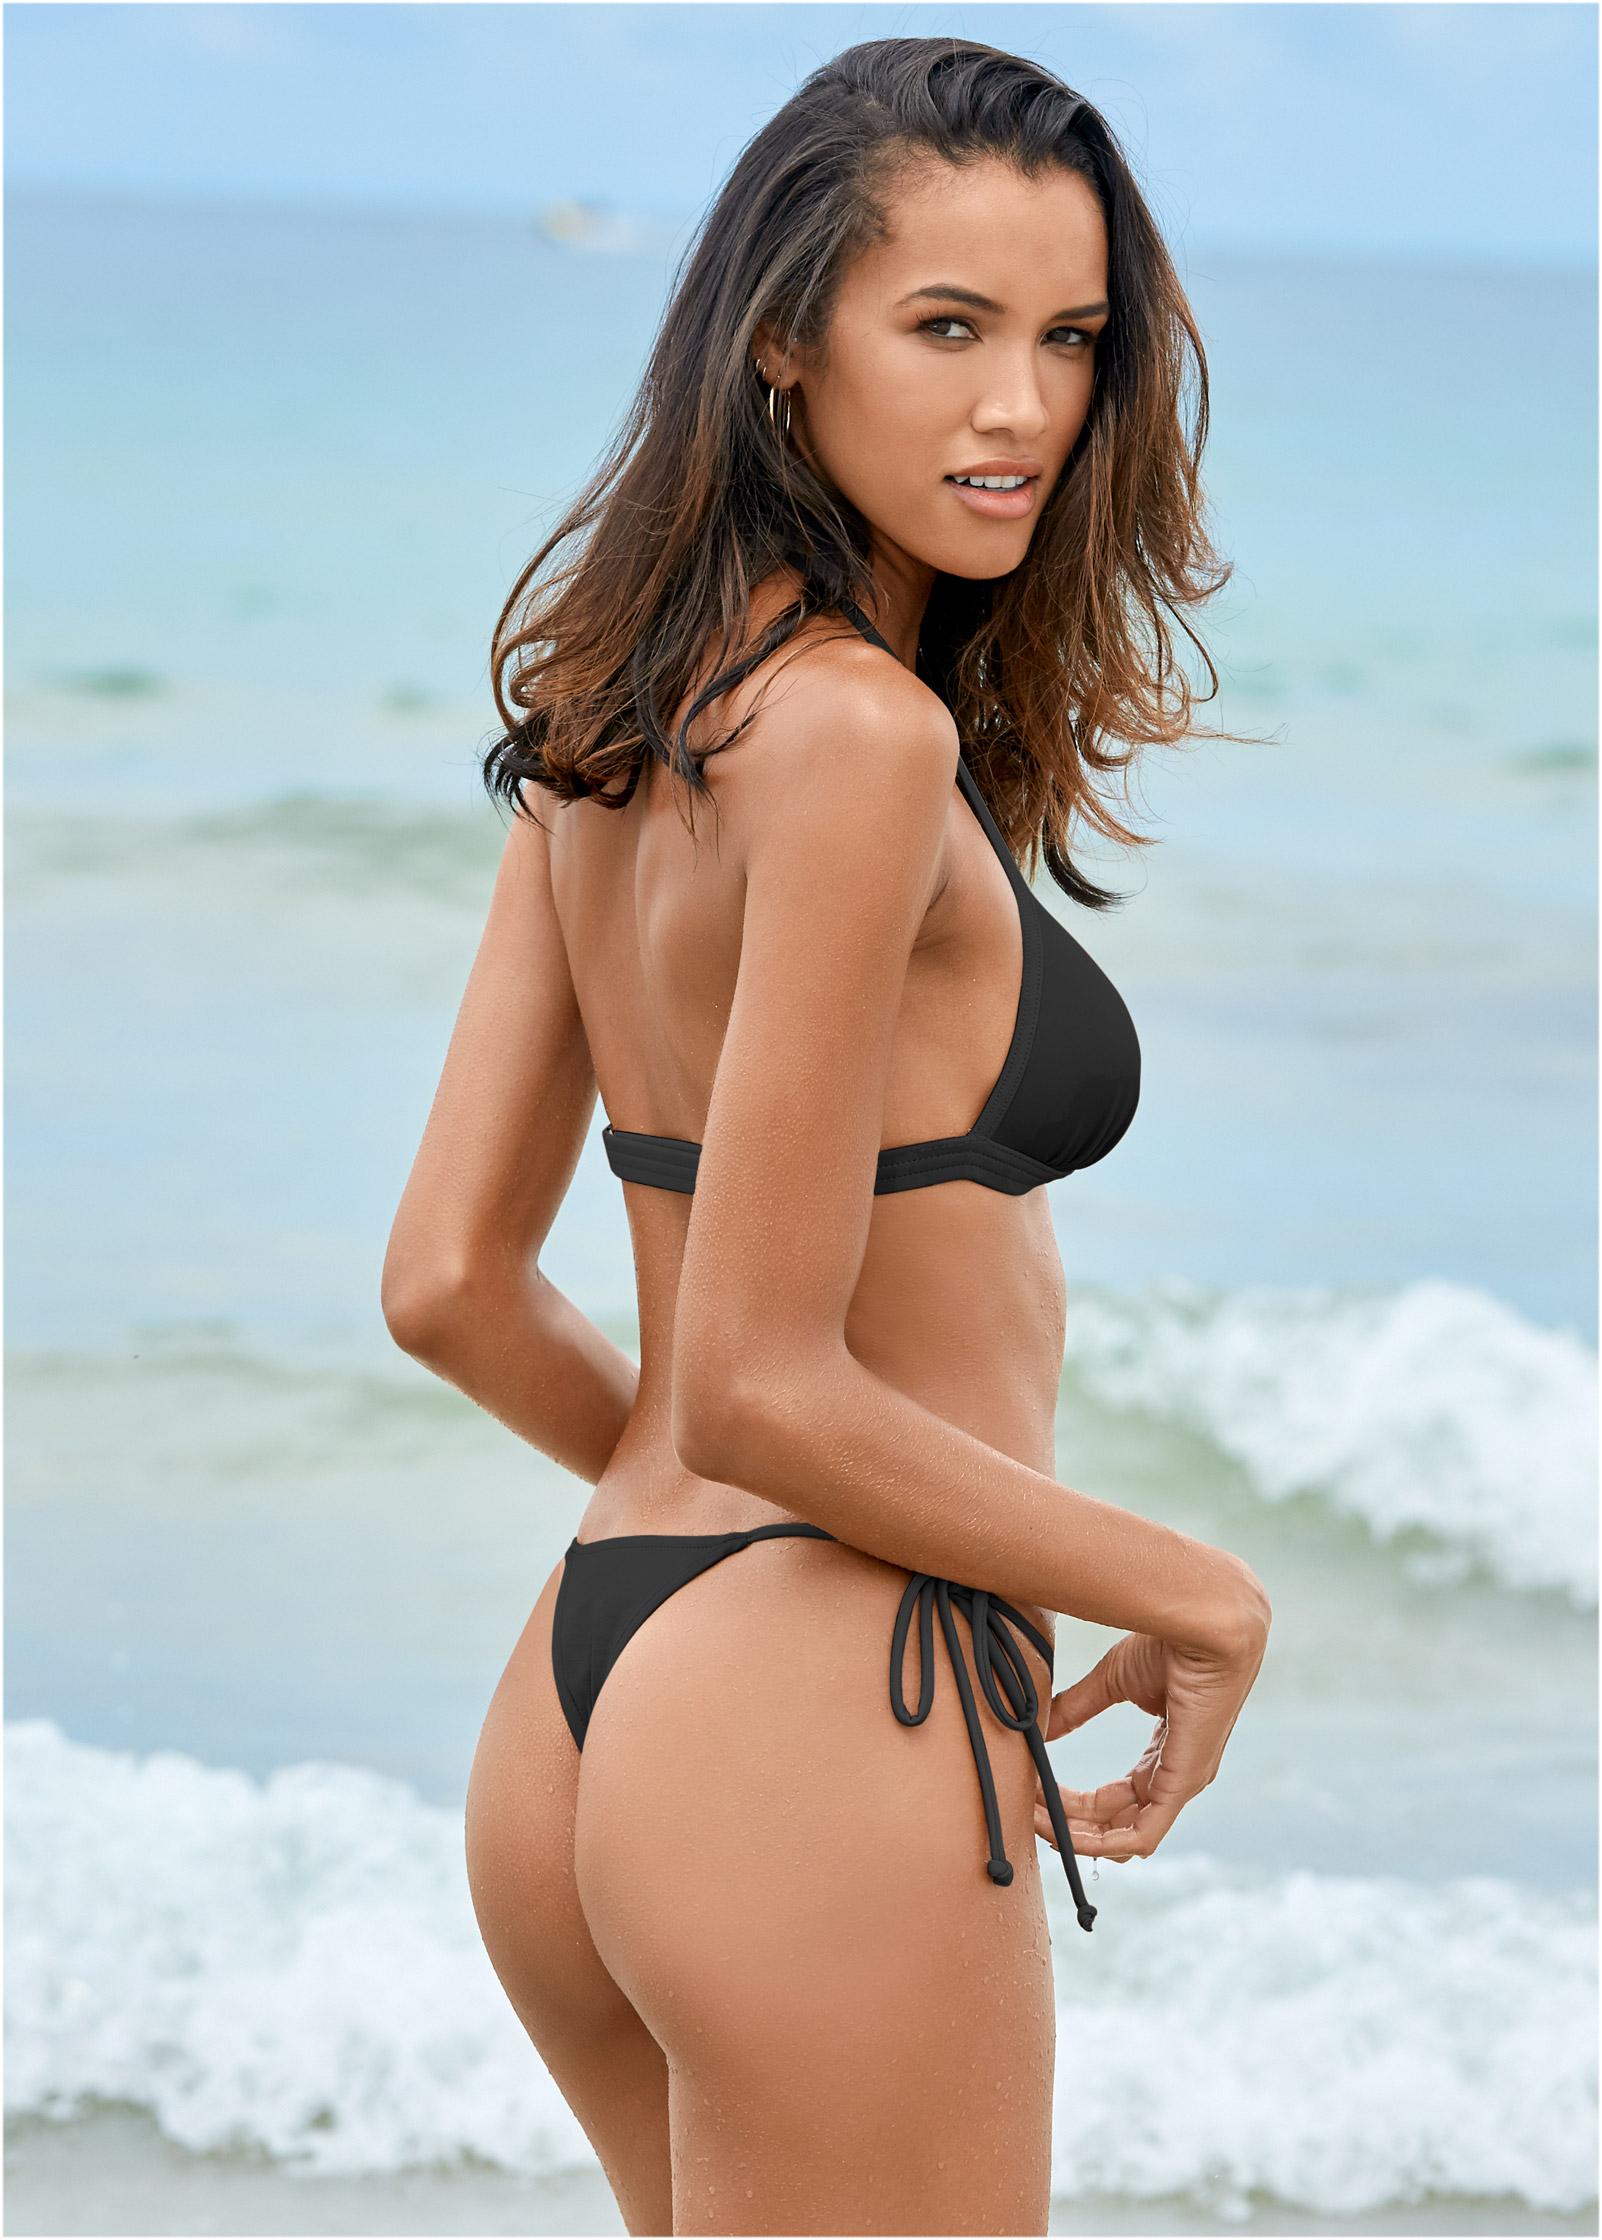 BottomsMinimal Coverage Thong Swimwear Bikini Venus 7g6bfy